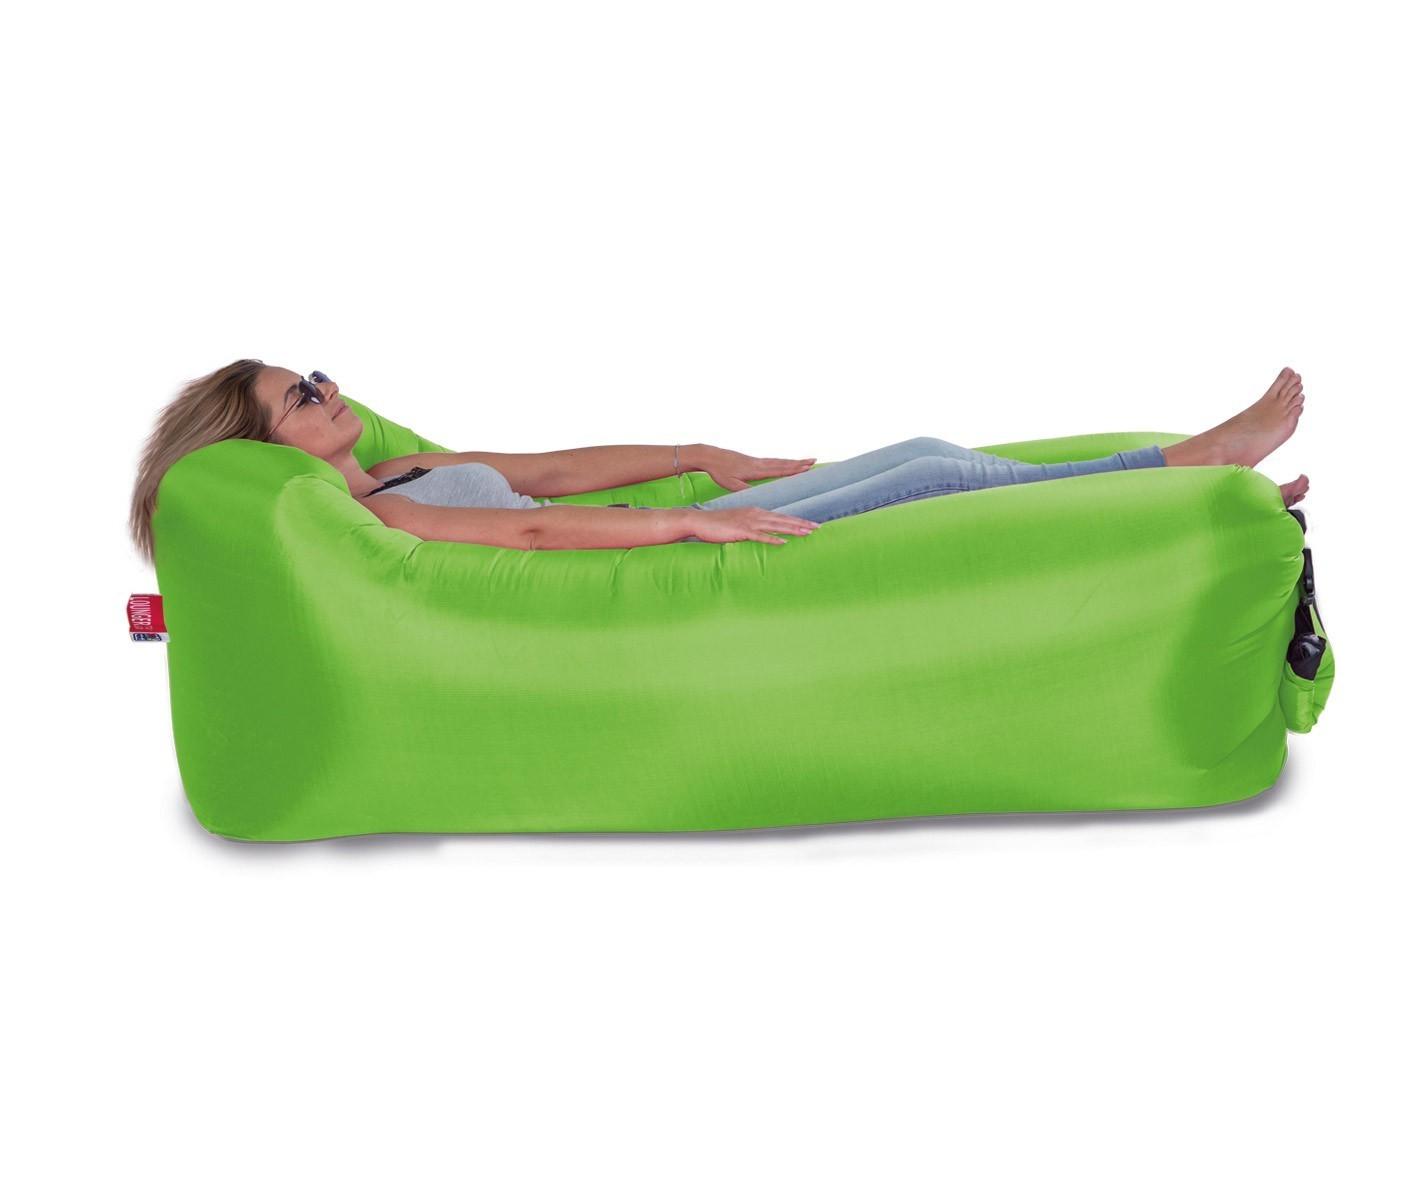 Luftsofa / Luftliege Lounger To Go 240x70cm grün Happy People 78094 Bild 1